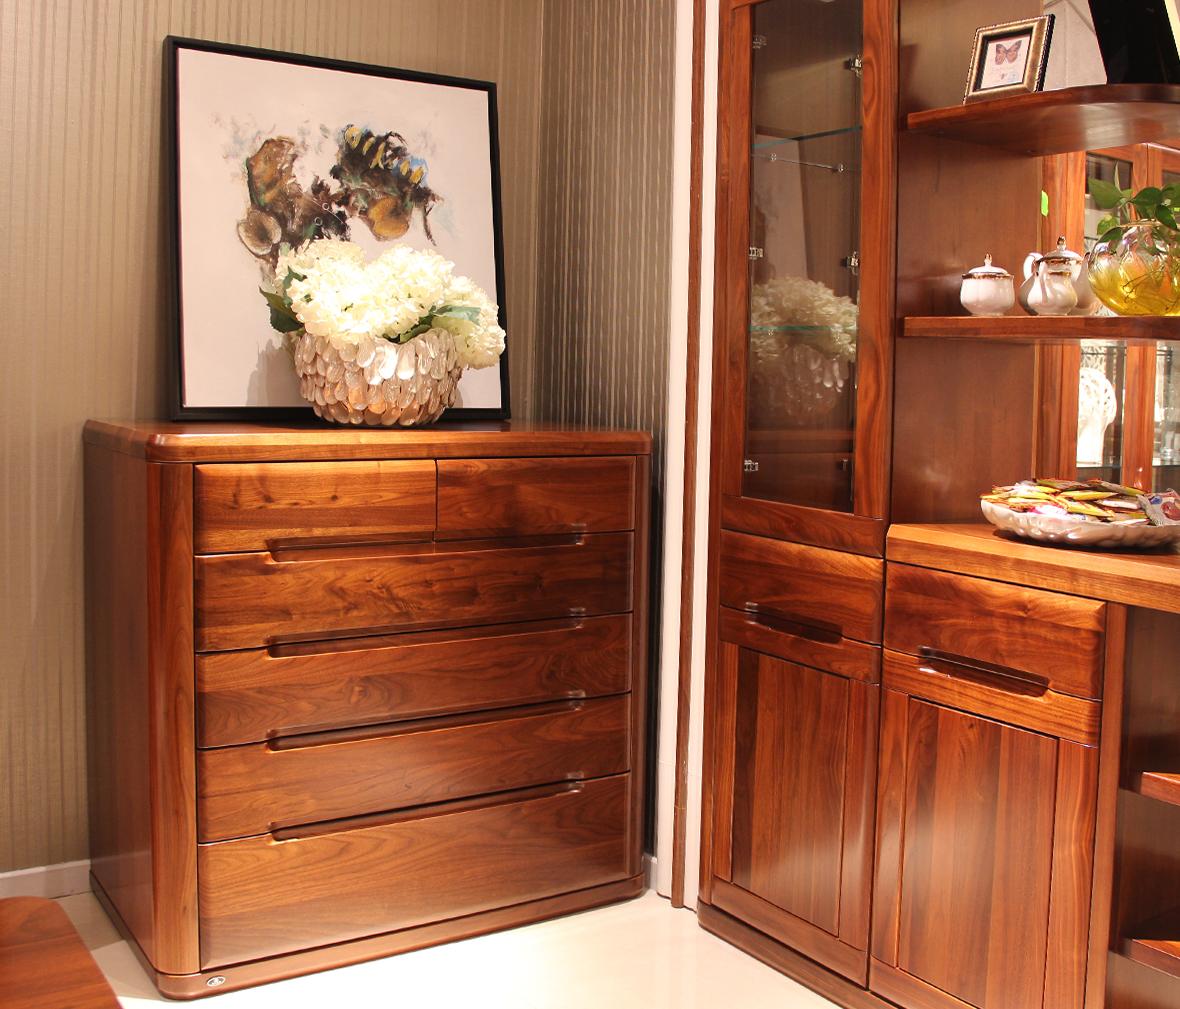 赖氏家具 胡桃木六斗柜lsf02型号 进口实木 现代简约风格图片